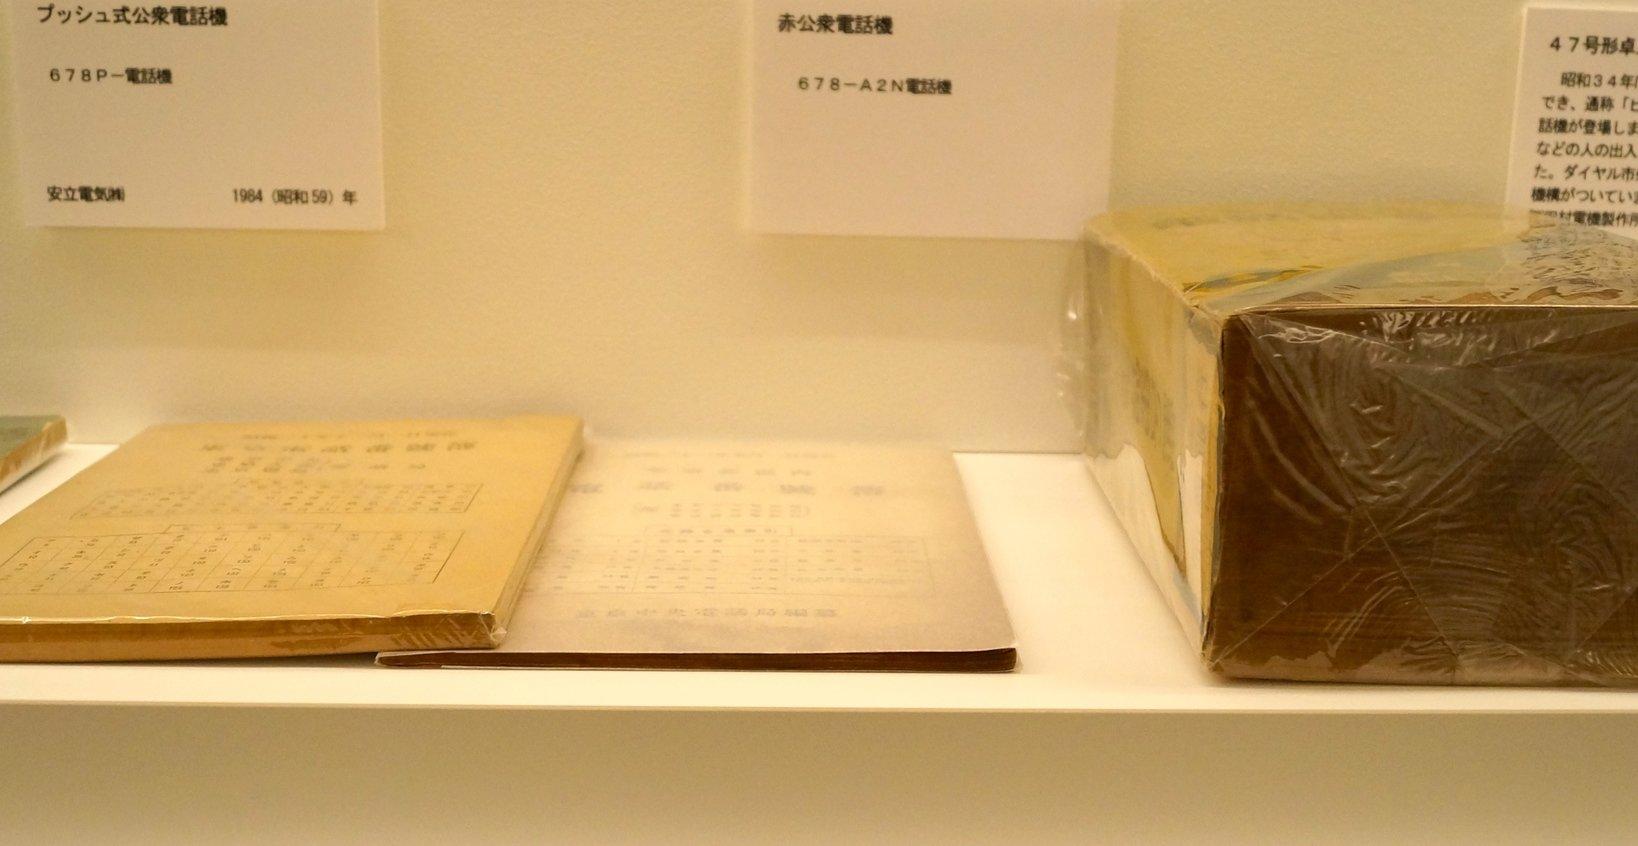 左が戦後直後の電話帳。右がそれから数年後の電話帳。電話機の普及数という観点から戦後復興の歩みが読み取れる